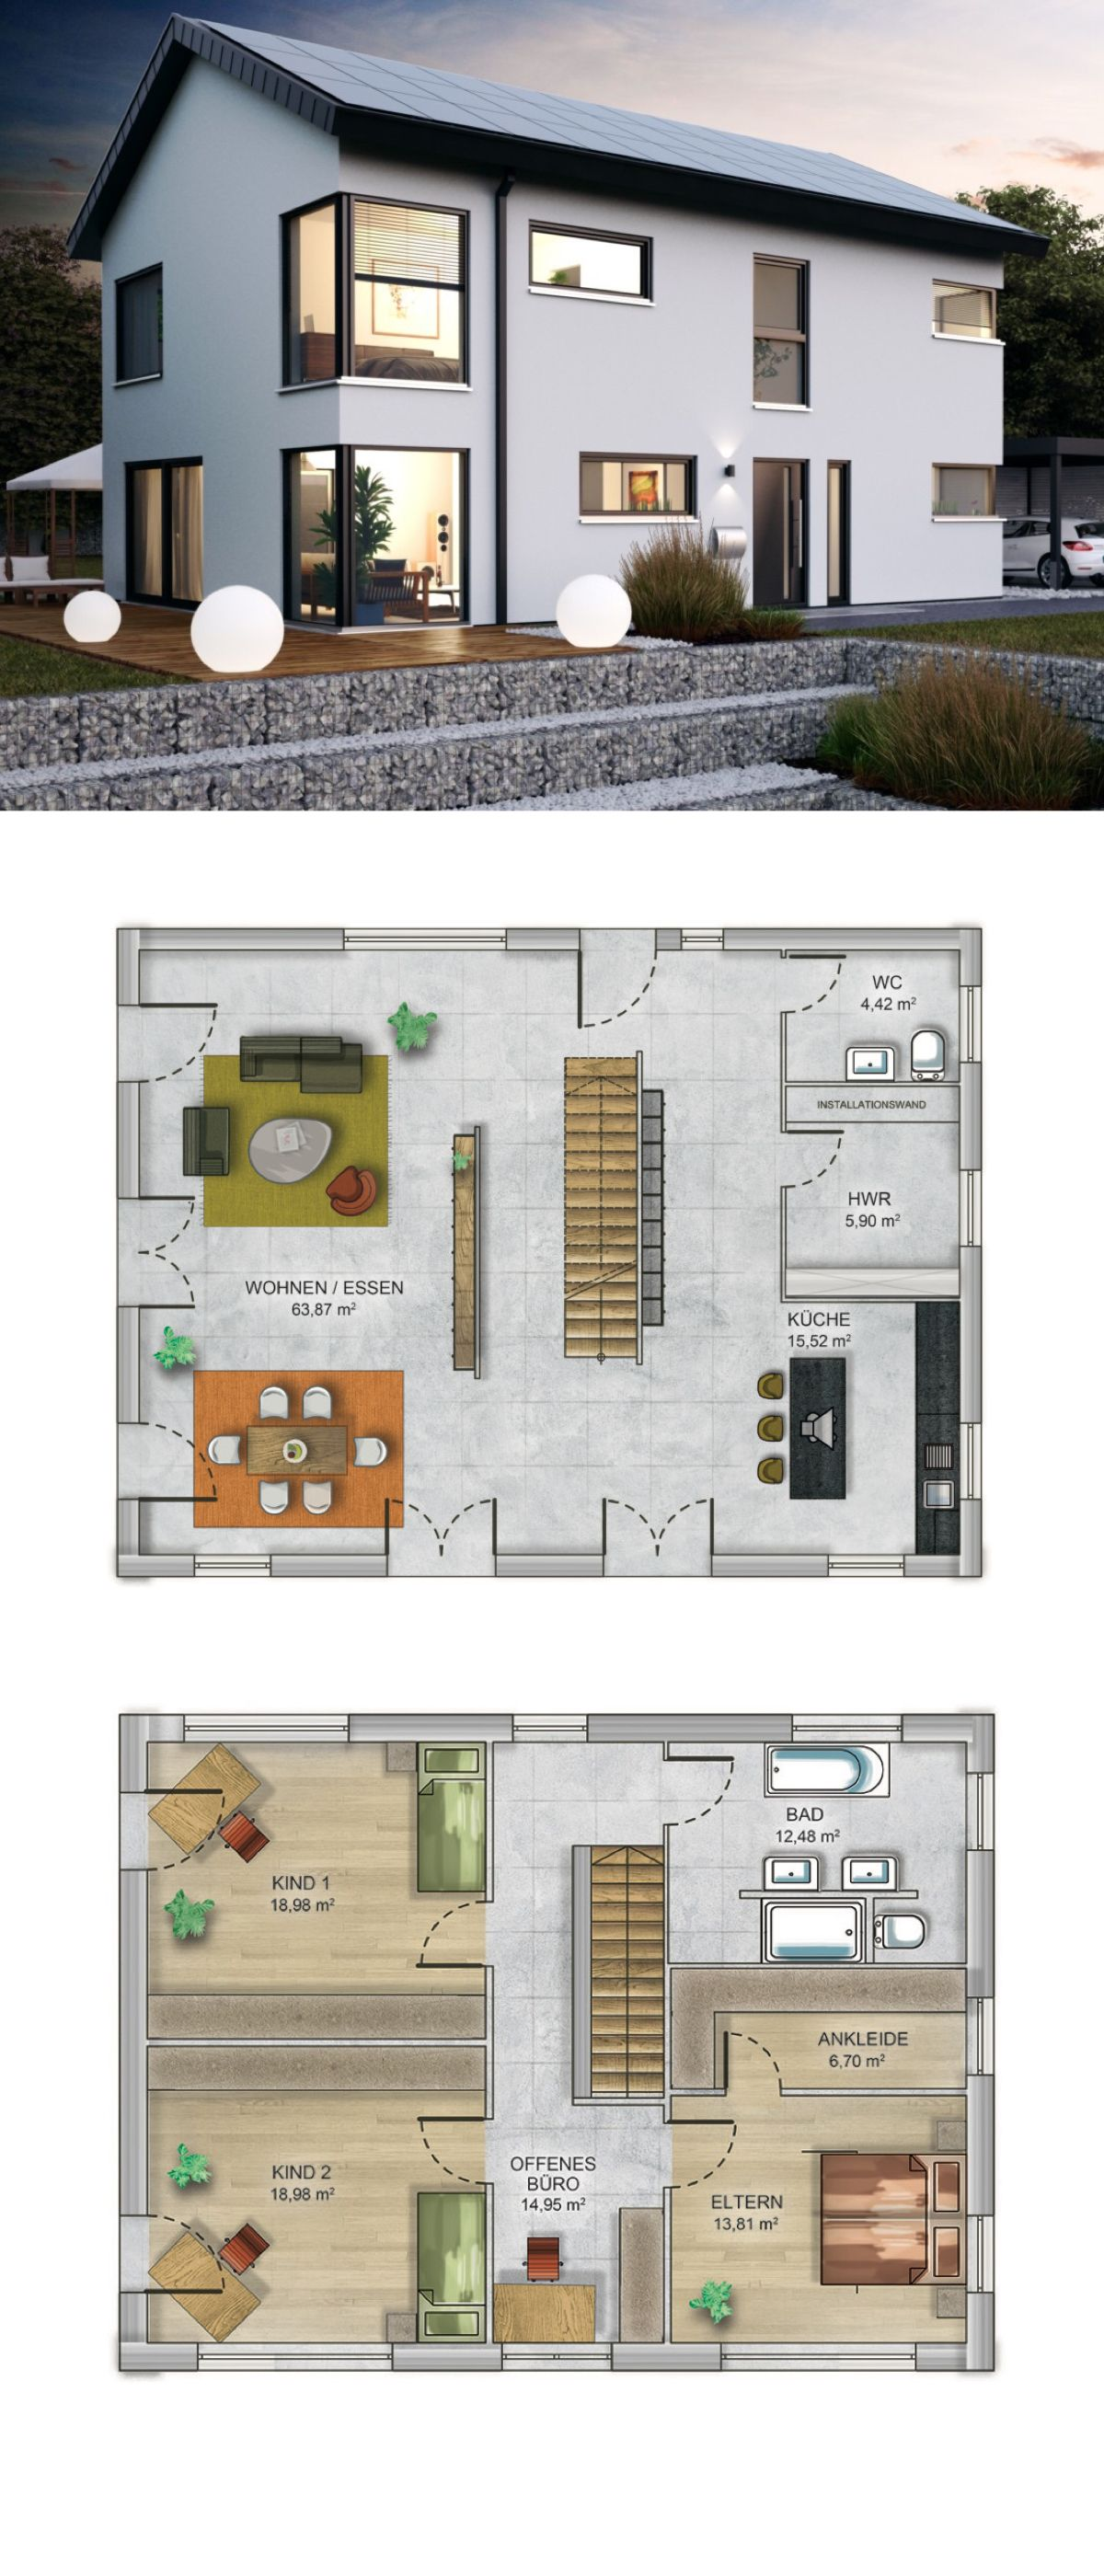 Einfamilienhaus Modern Mit Satteldach   Fertighaus Massiv Bauen Grundriss  Haus ICON 4 XL Dennert Massivhaus   HausbauDirekt.de